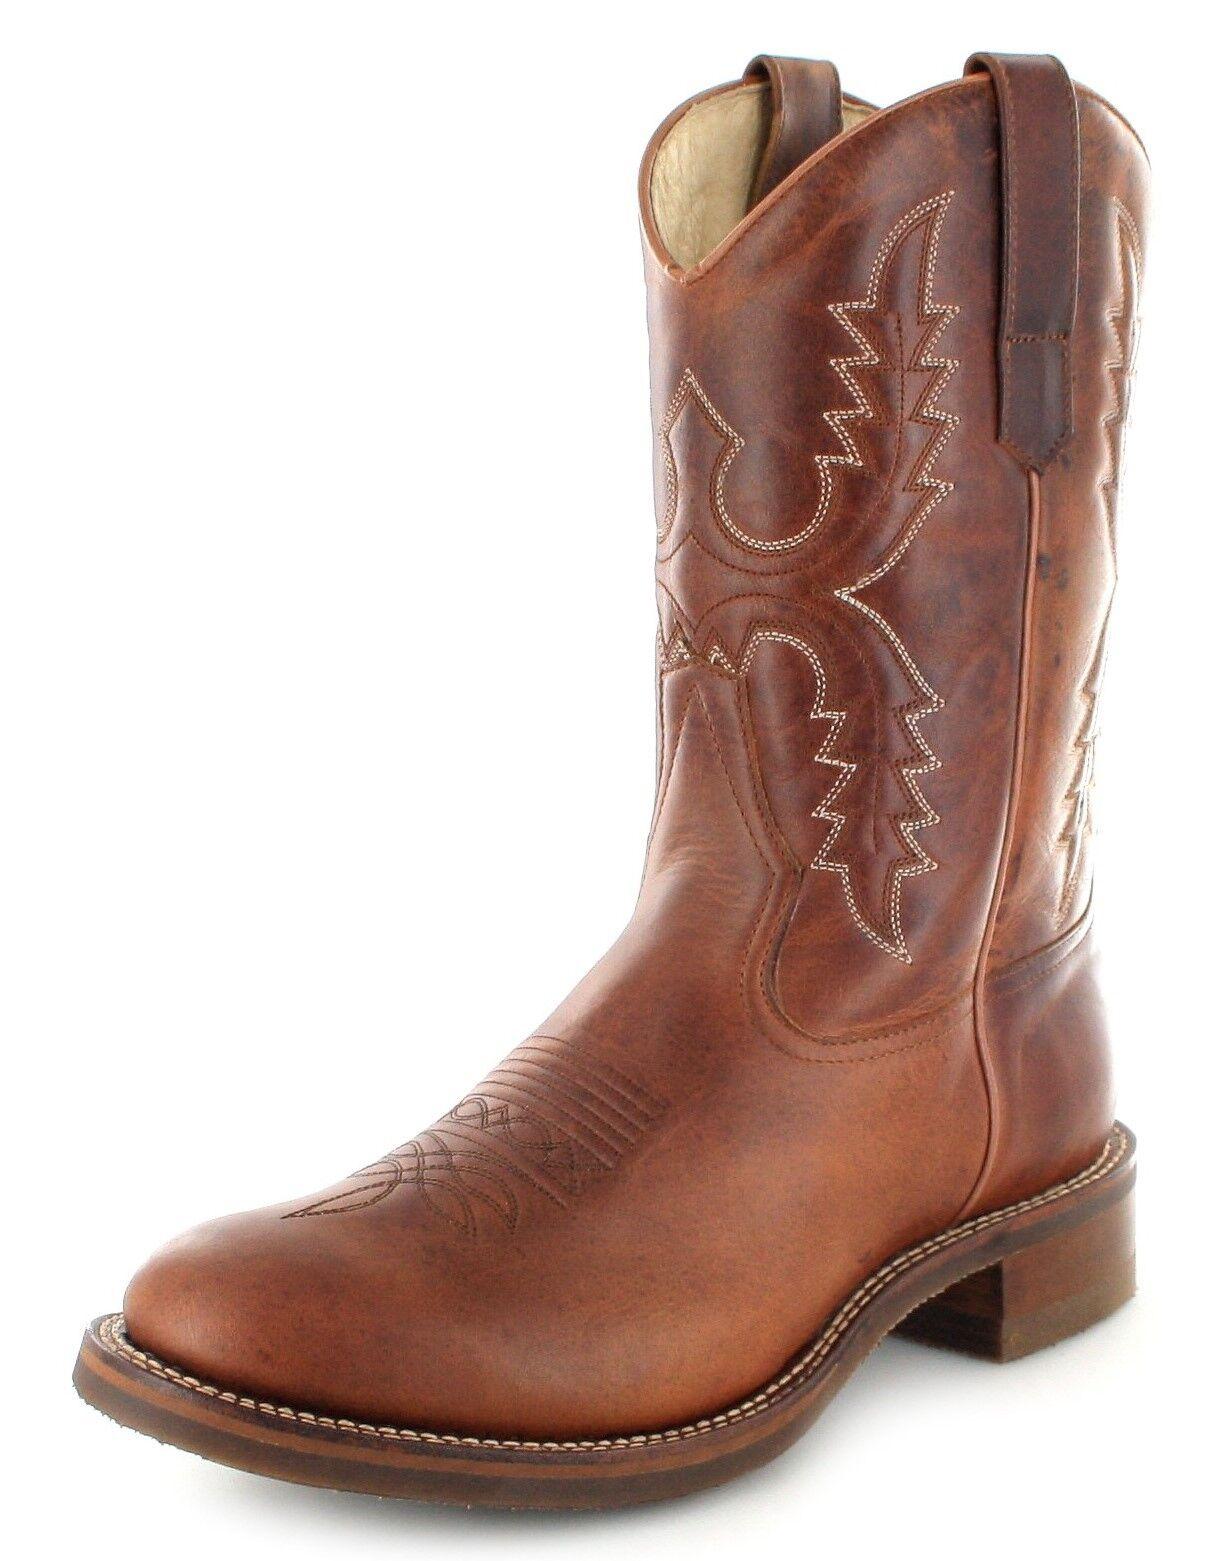 Sendra stivali 11615 Tang Donna Western MONTALA Stivali Stivali Di Pelle Marronee